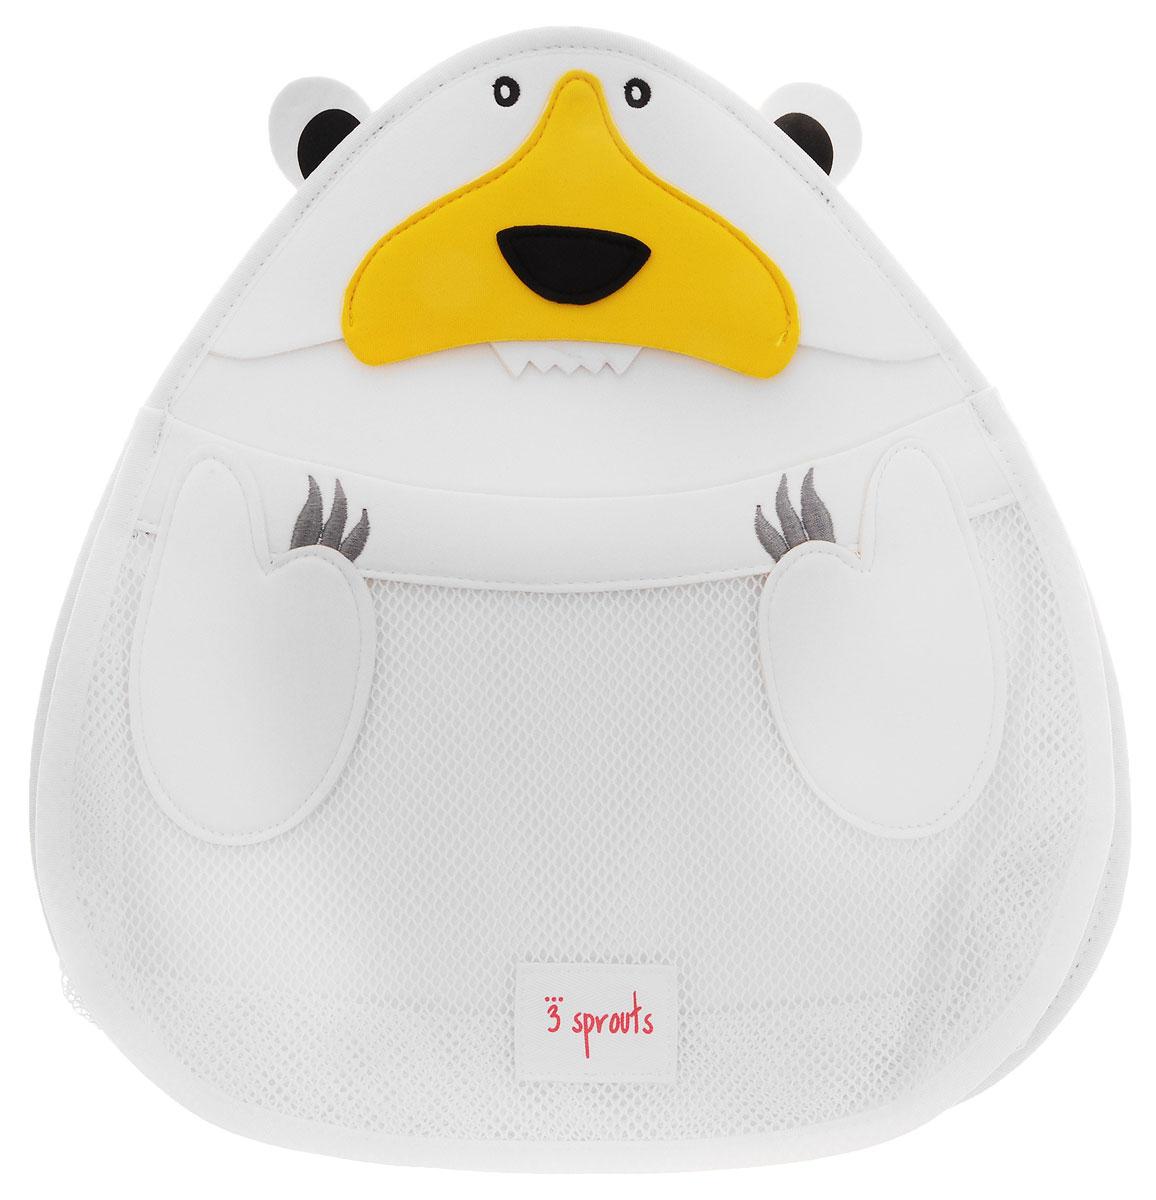 3 Sprouts Органайзер для ванной Белый мишка00012Органайзер для ванной 3 Sprouts Белый мишка идеально подойдет для хранения банных принадлежностей вашего малыша. Он изготовлен из материала, используемого для гидрокостюмов, так что все игрушки и банные принадлежности будут храниться в сухости, а также защищены от плесени. Эластичный рот косметички превращает поиск той самой игрушки в настоящую охоту! Крепится изделие на присоску.